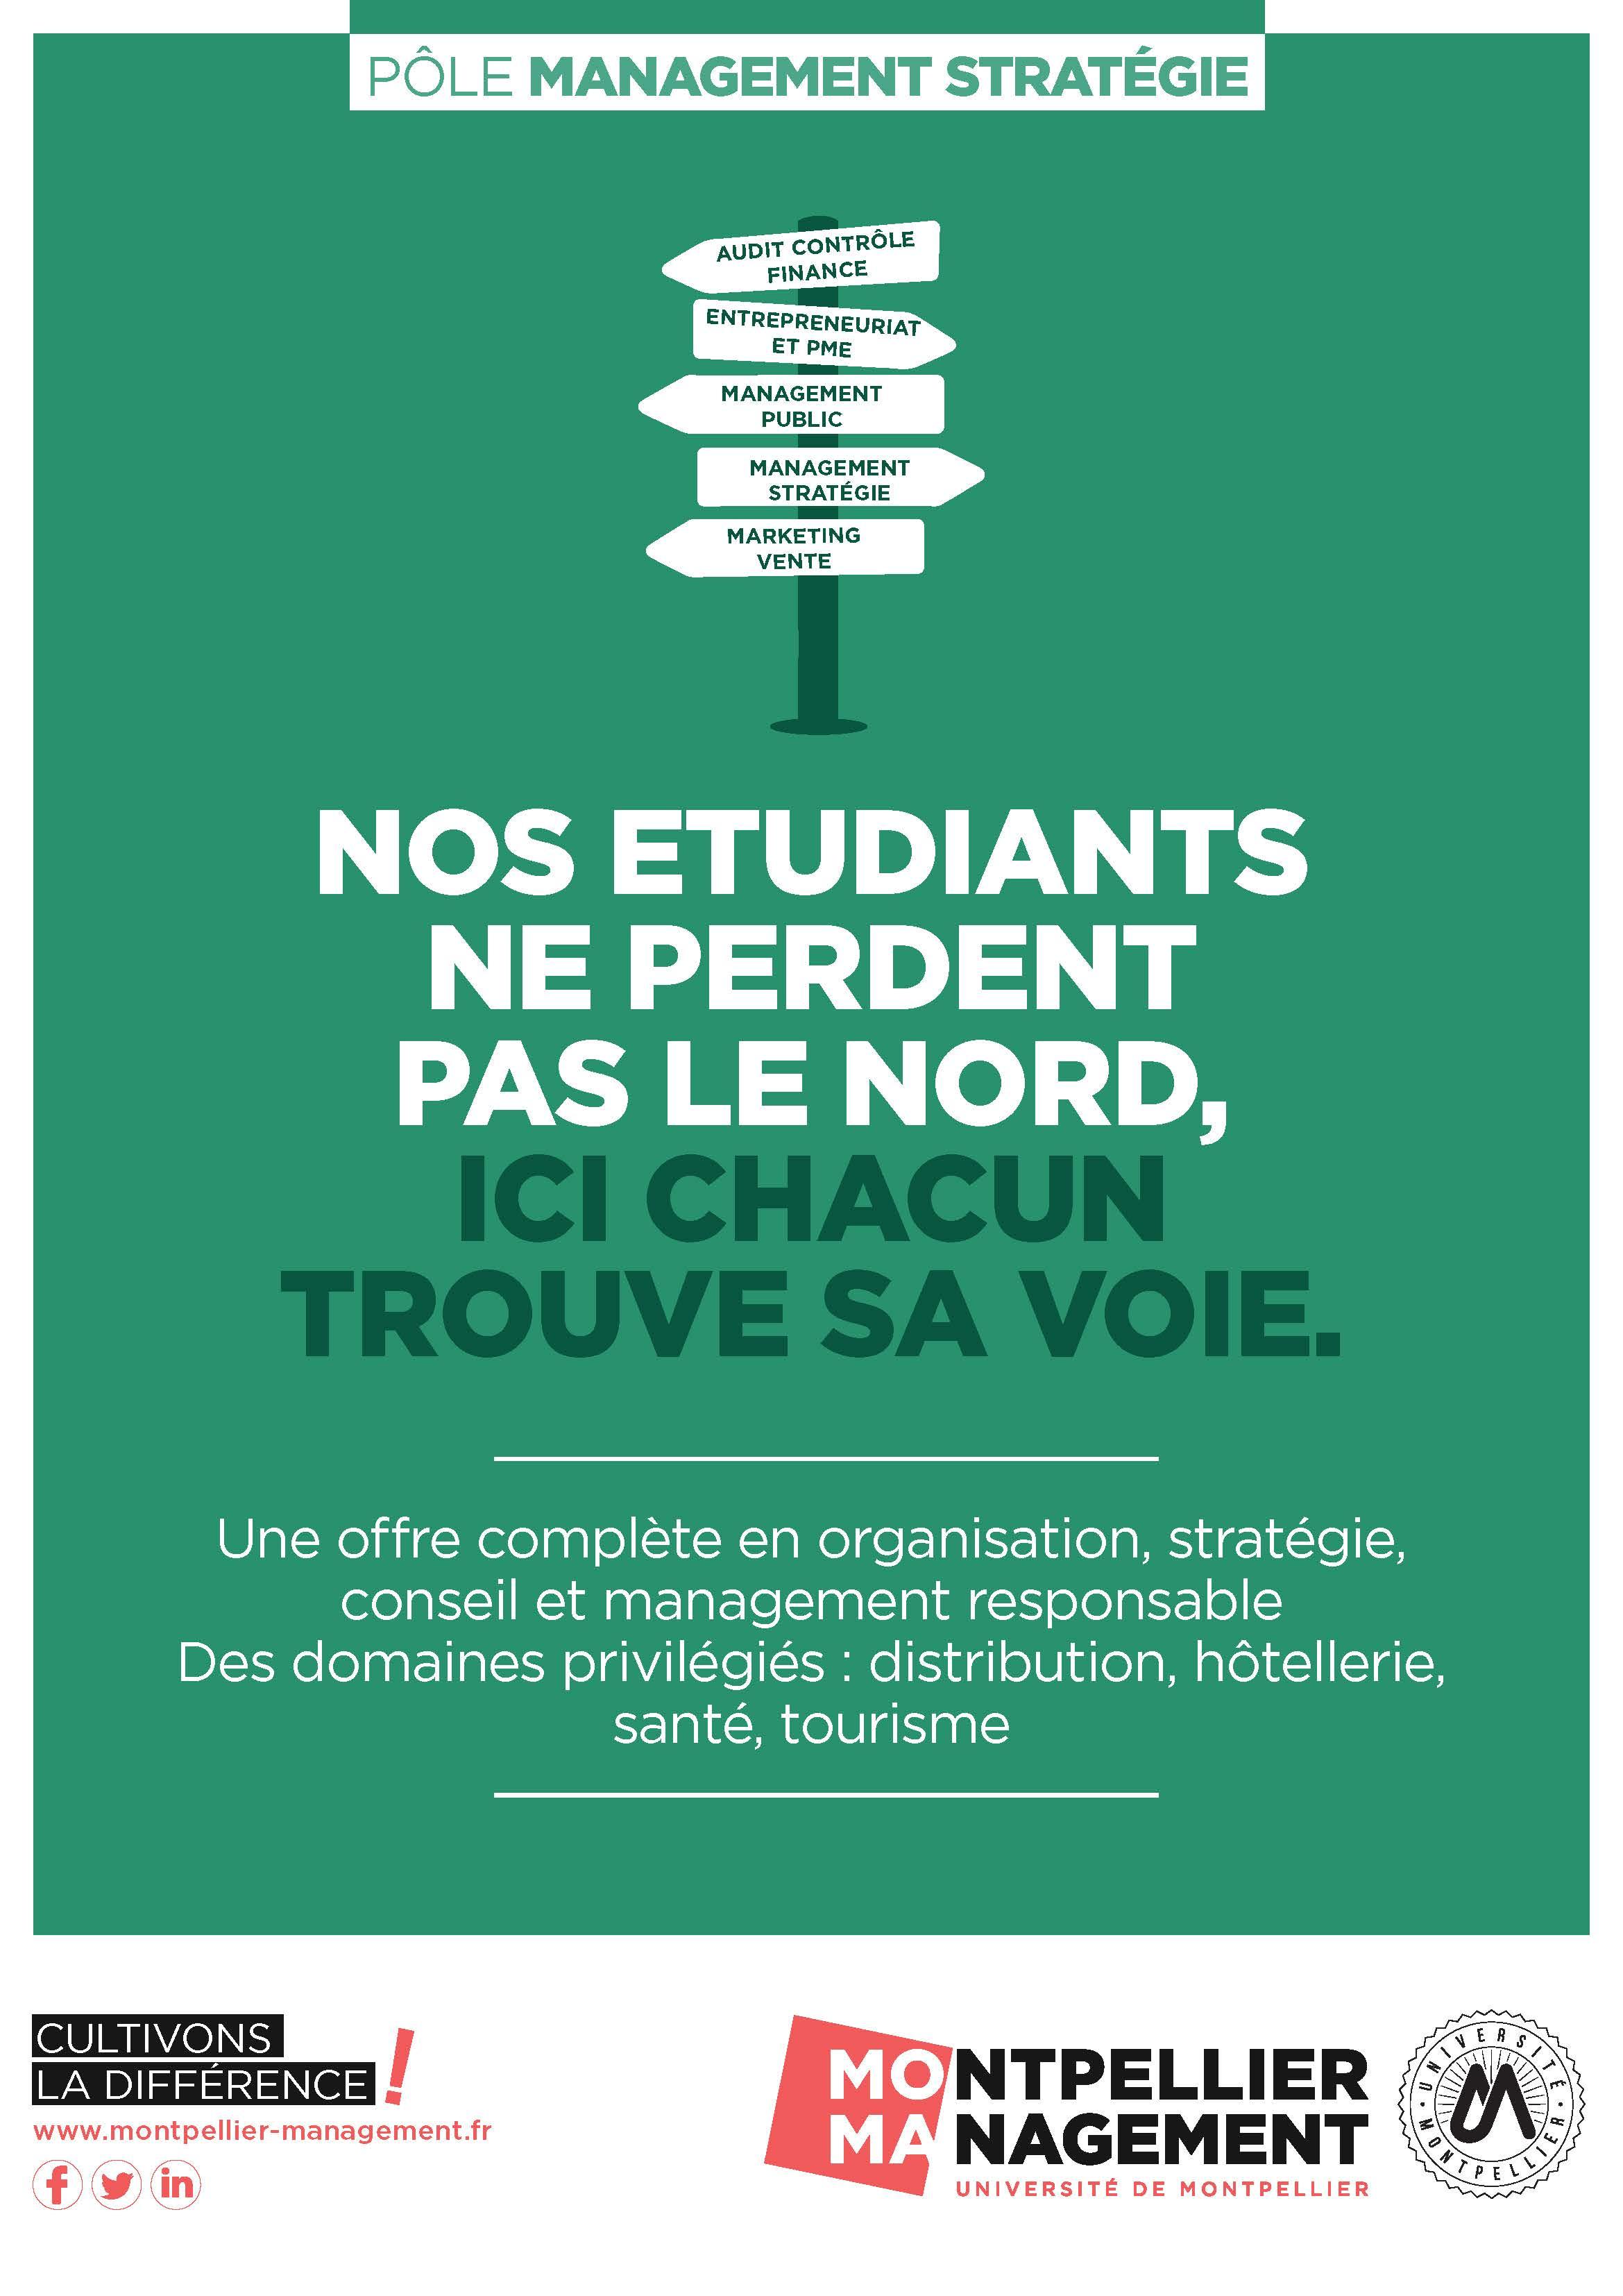 Pole Management Strategie - Montpellier Management